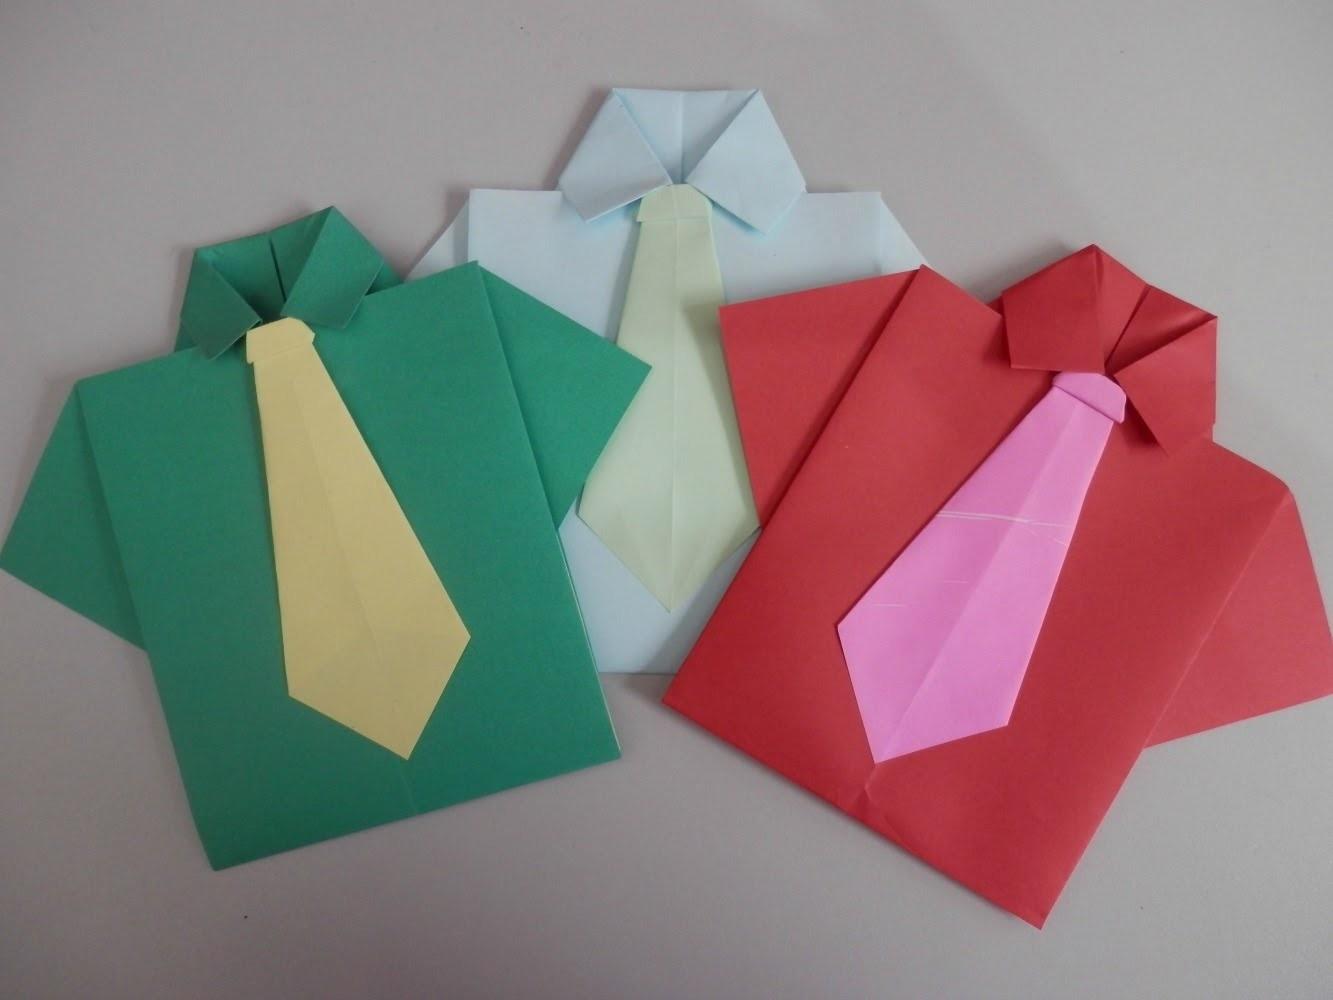 Camisa - Origami